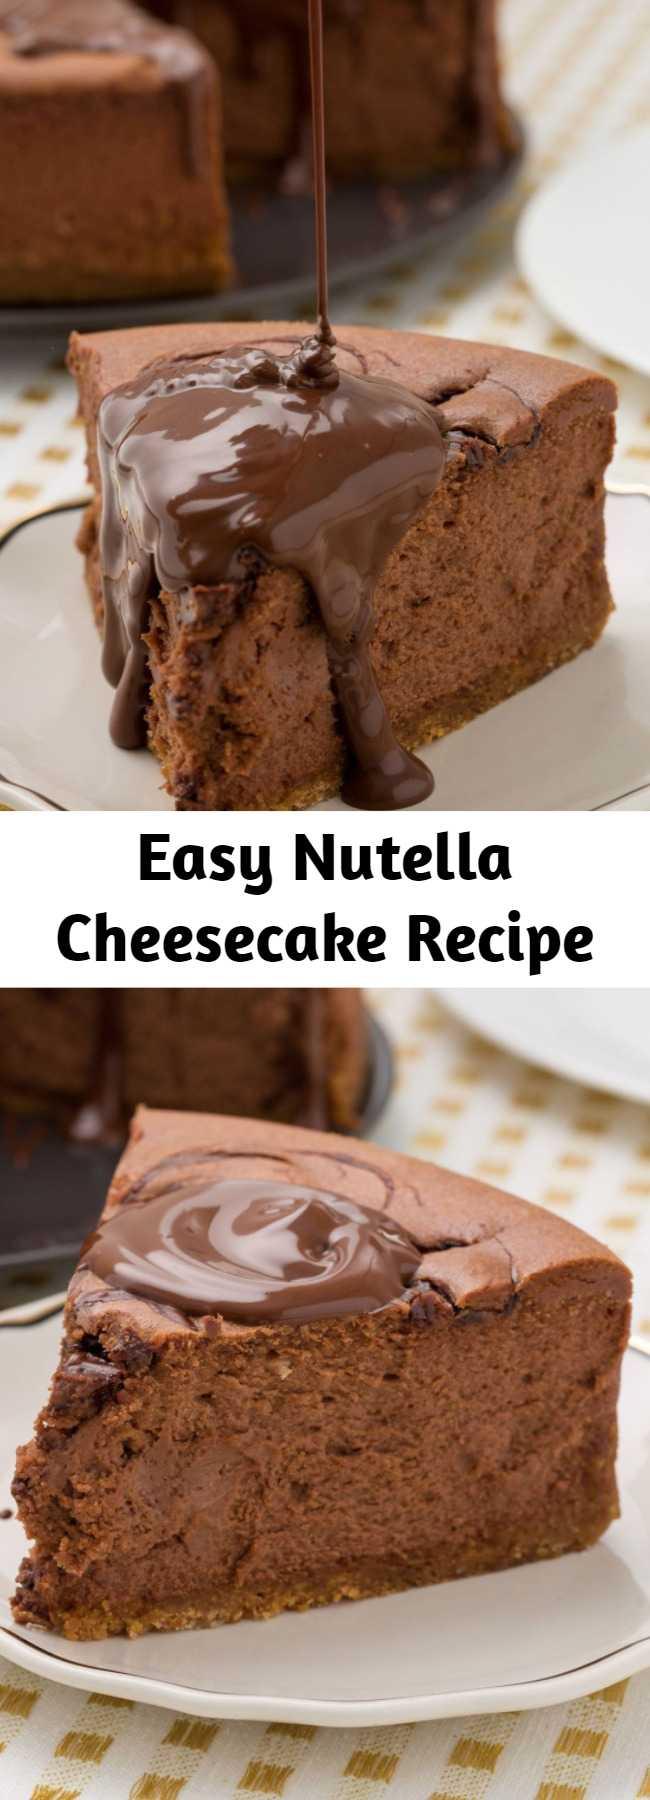 Easy Nutella Cheesecake Recipe - Nutella? Good. Nutella cheesecake? Even better.